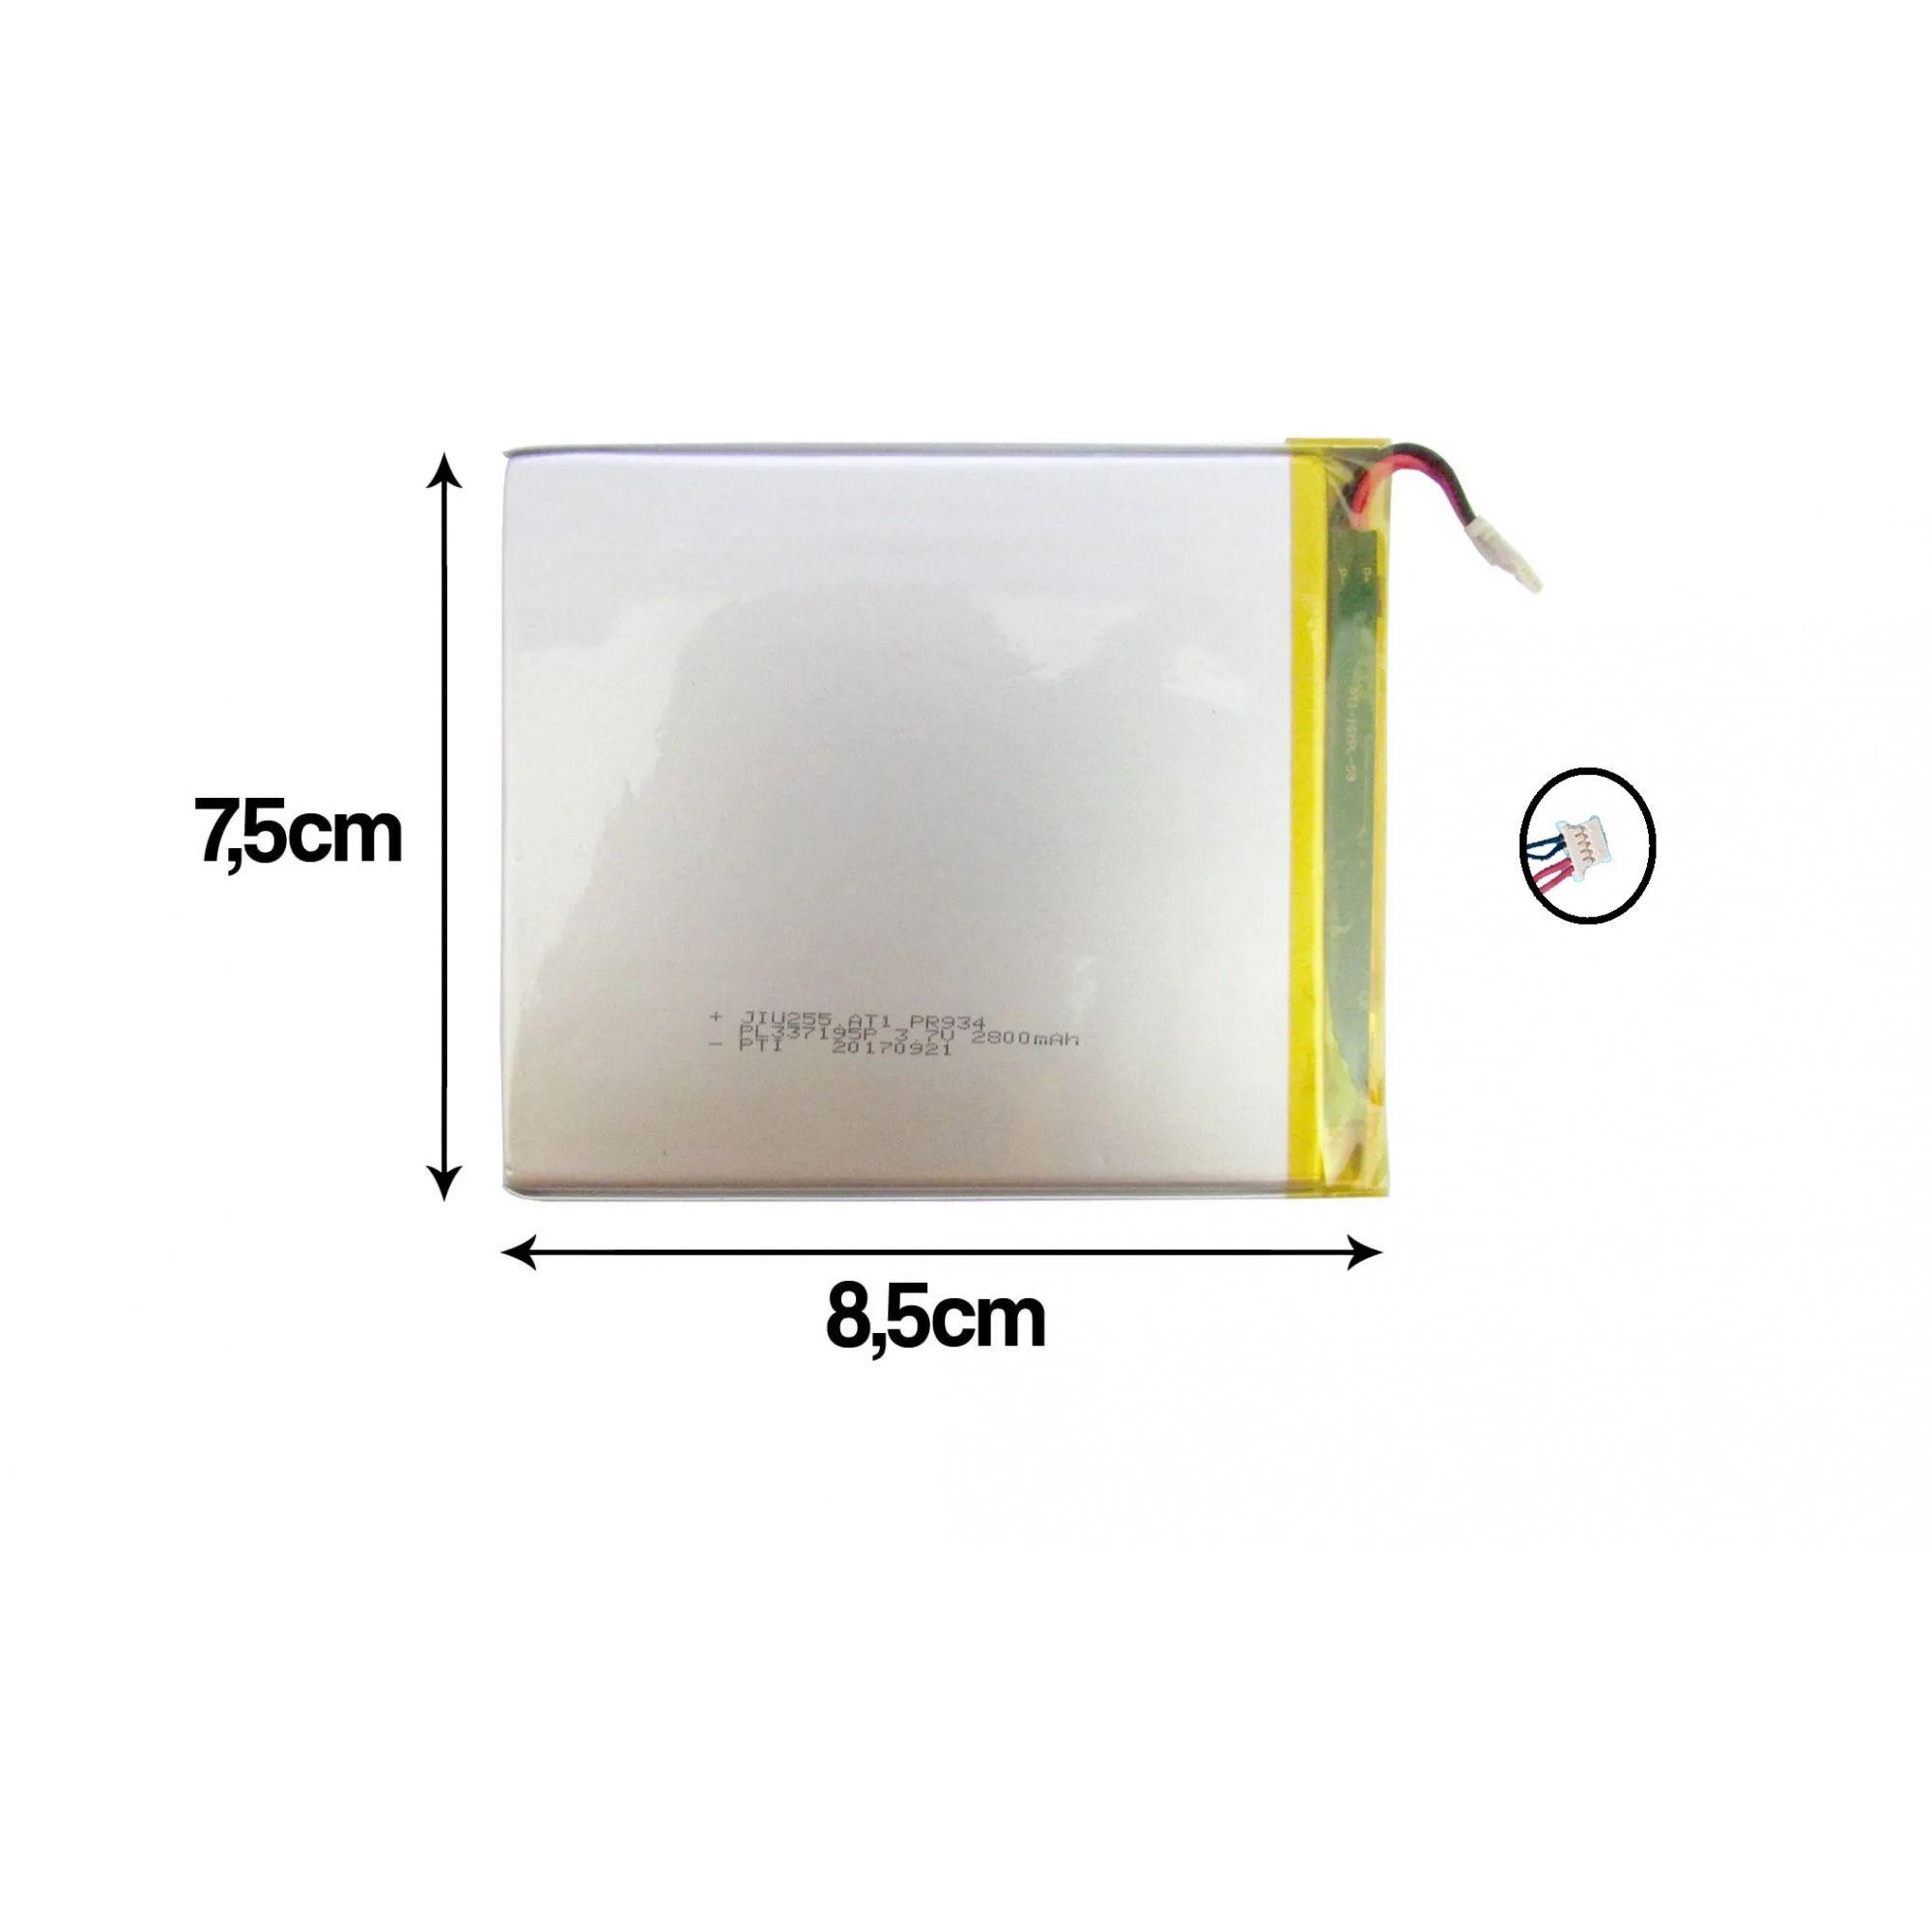 Bateria Universal Nova para Tablet Multilaser 2800mah 3.7v Lithium PR934